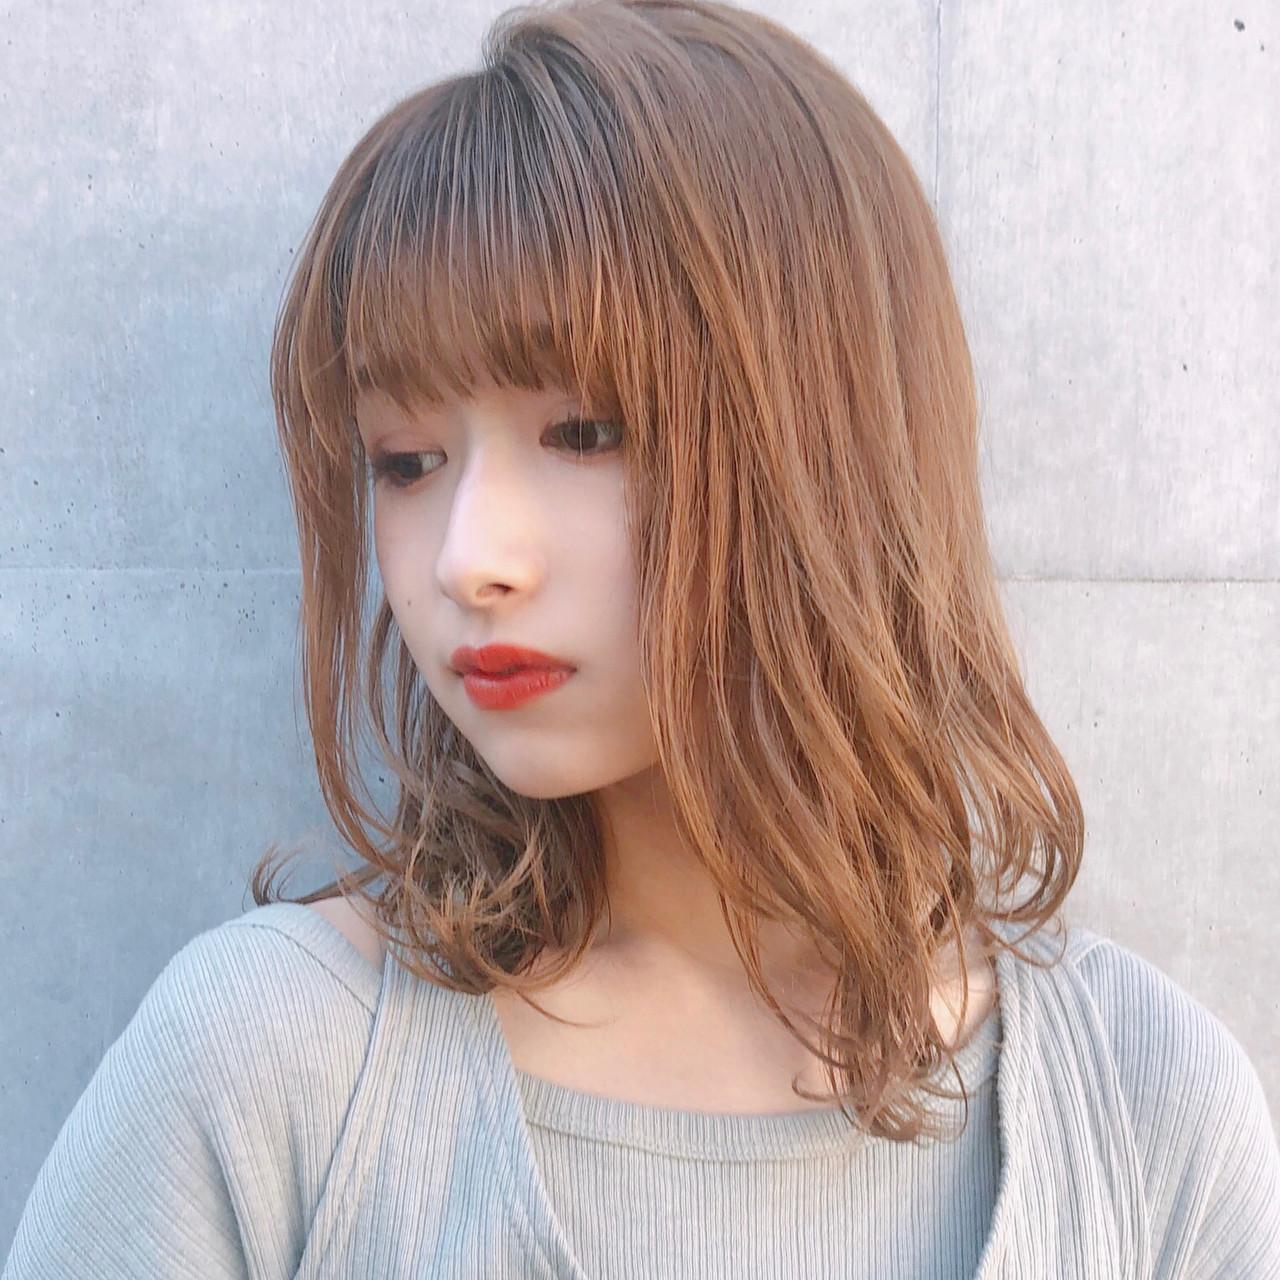 ゆるふわ ミディアム デジタルパーマ 大人かわいい ヘアスタイルや髪型の写真・画像